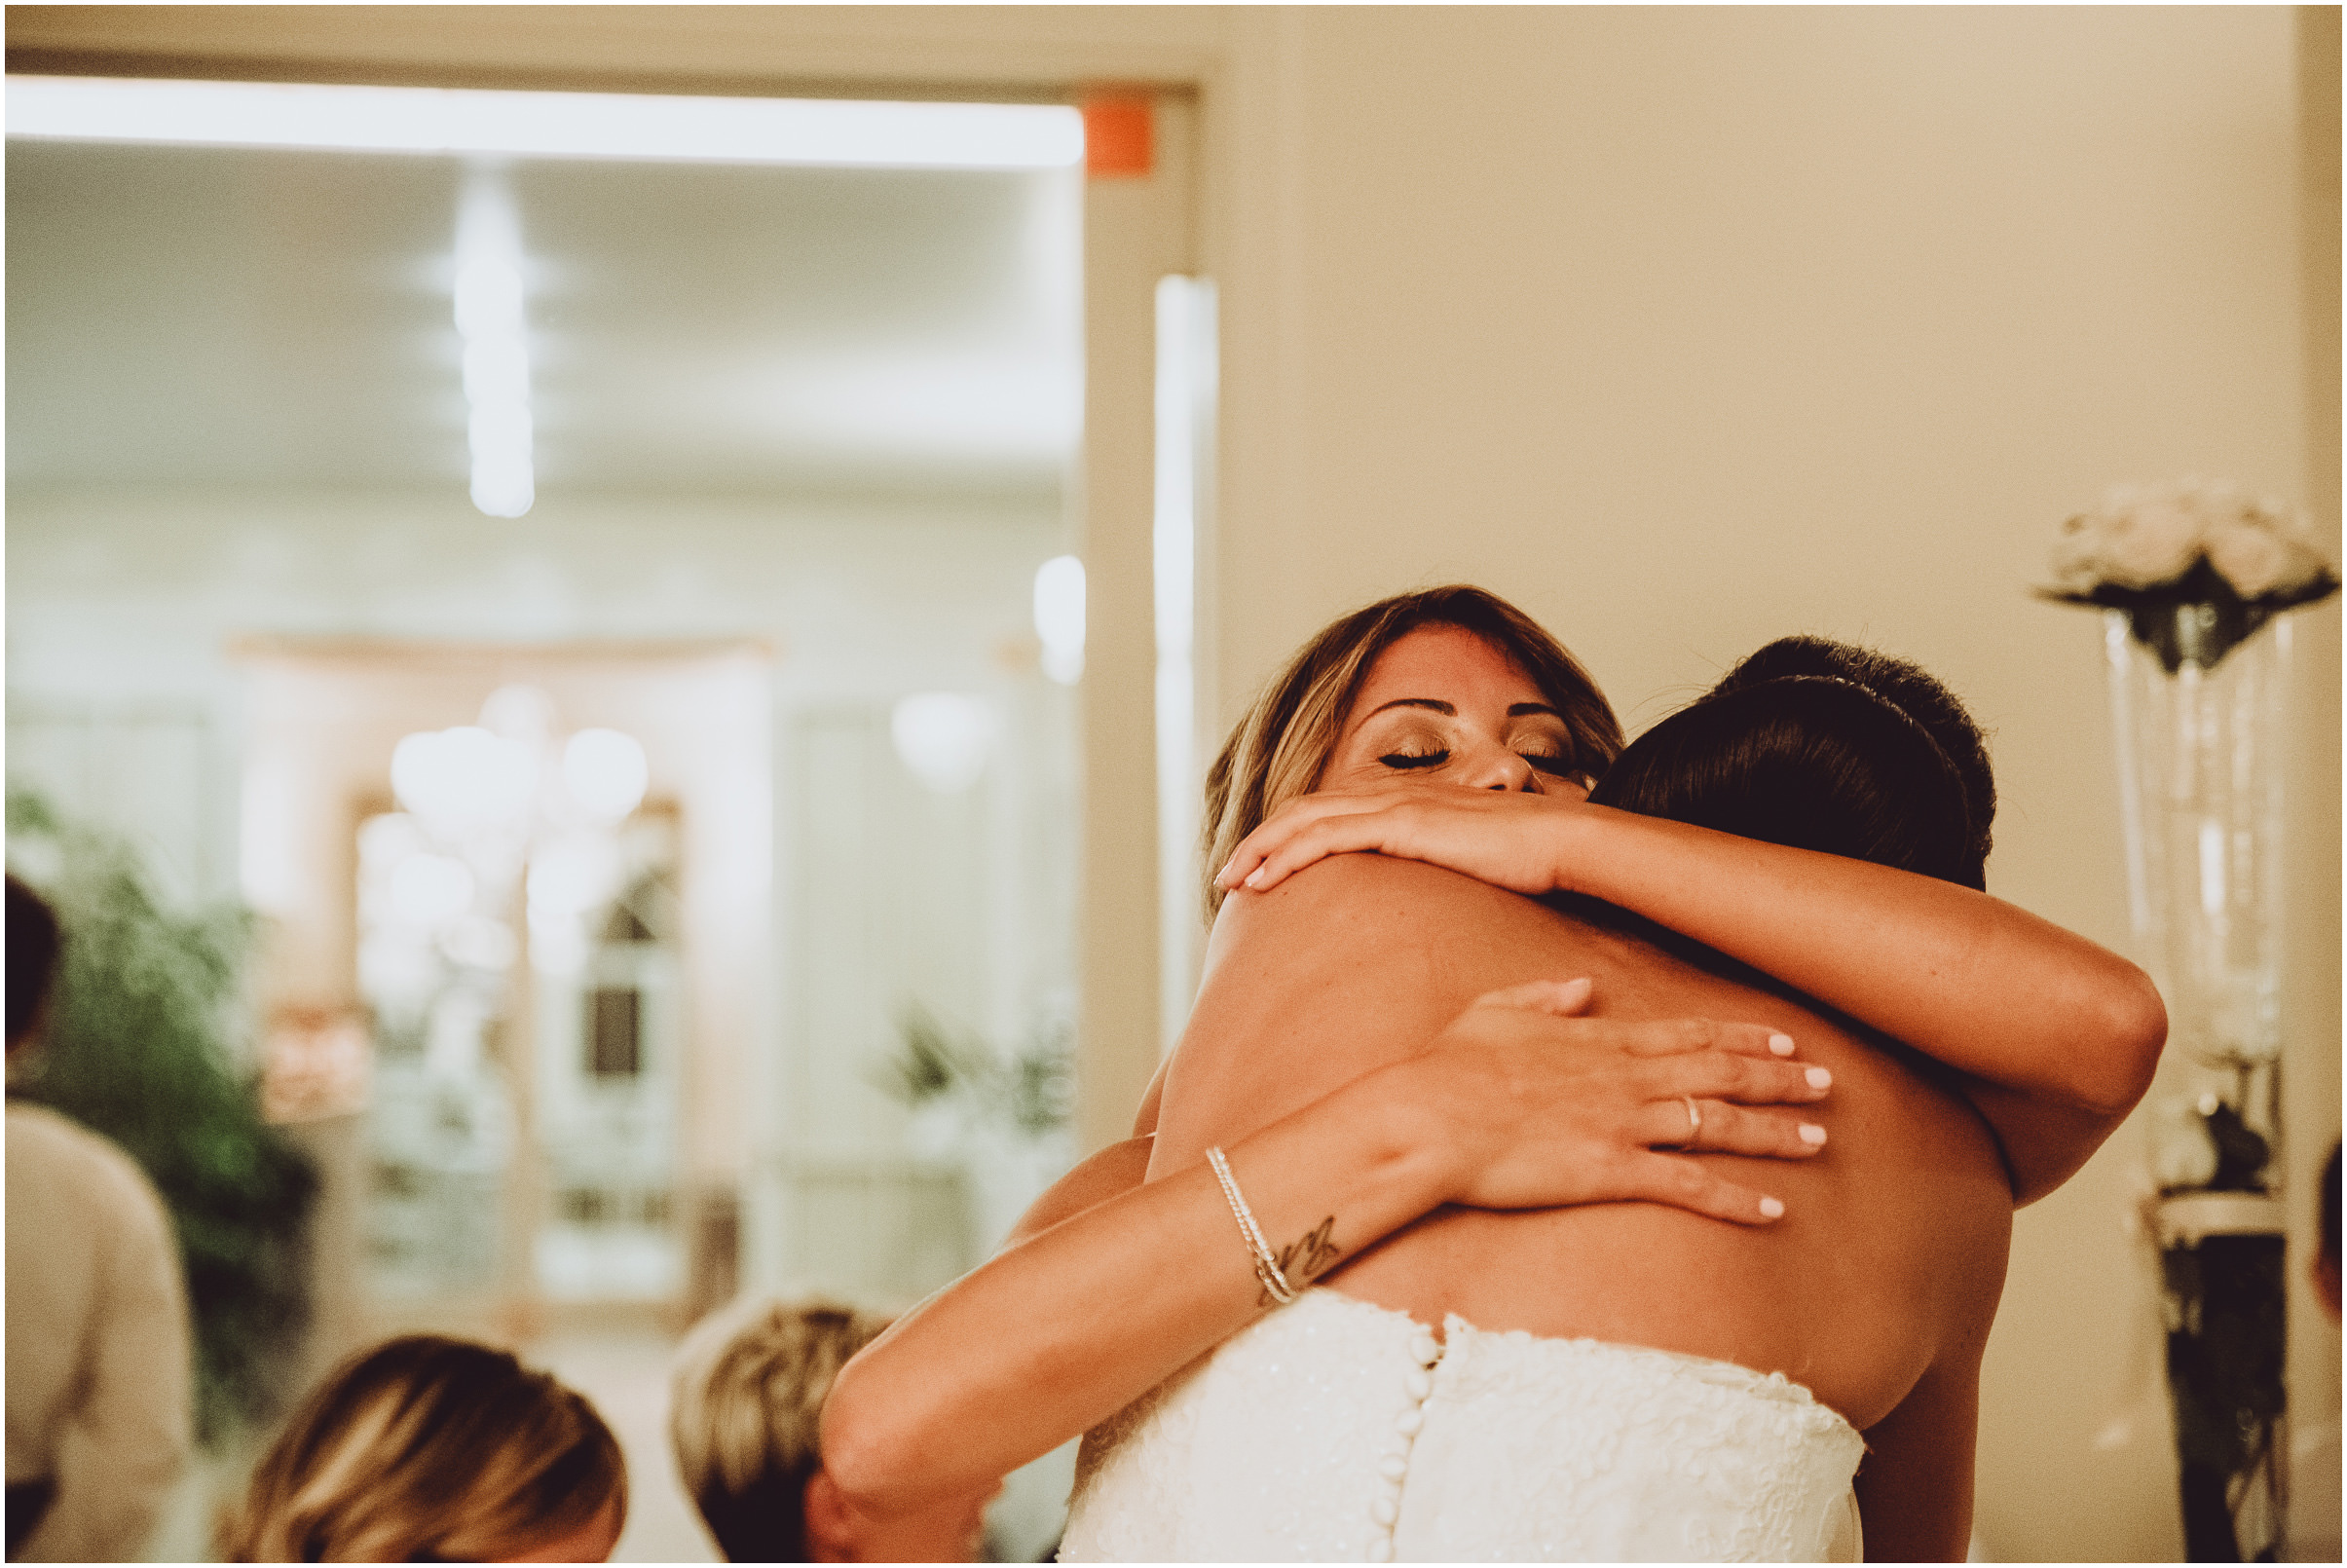 WEDDING-PHOTOGRAPHY-SARA-LORENZONI-FOTOGRAFIA-MATRIMONIO-AREZZO-TUSCANY-EVENTO-LE-SPOSE-DI-GIANNI-ELISA-LUCA060